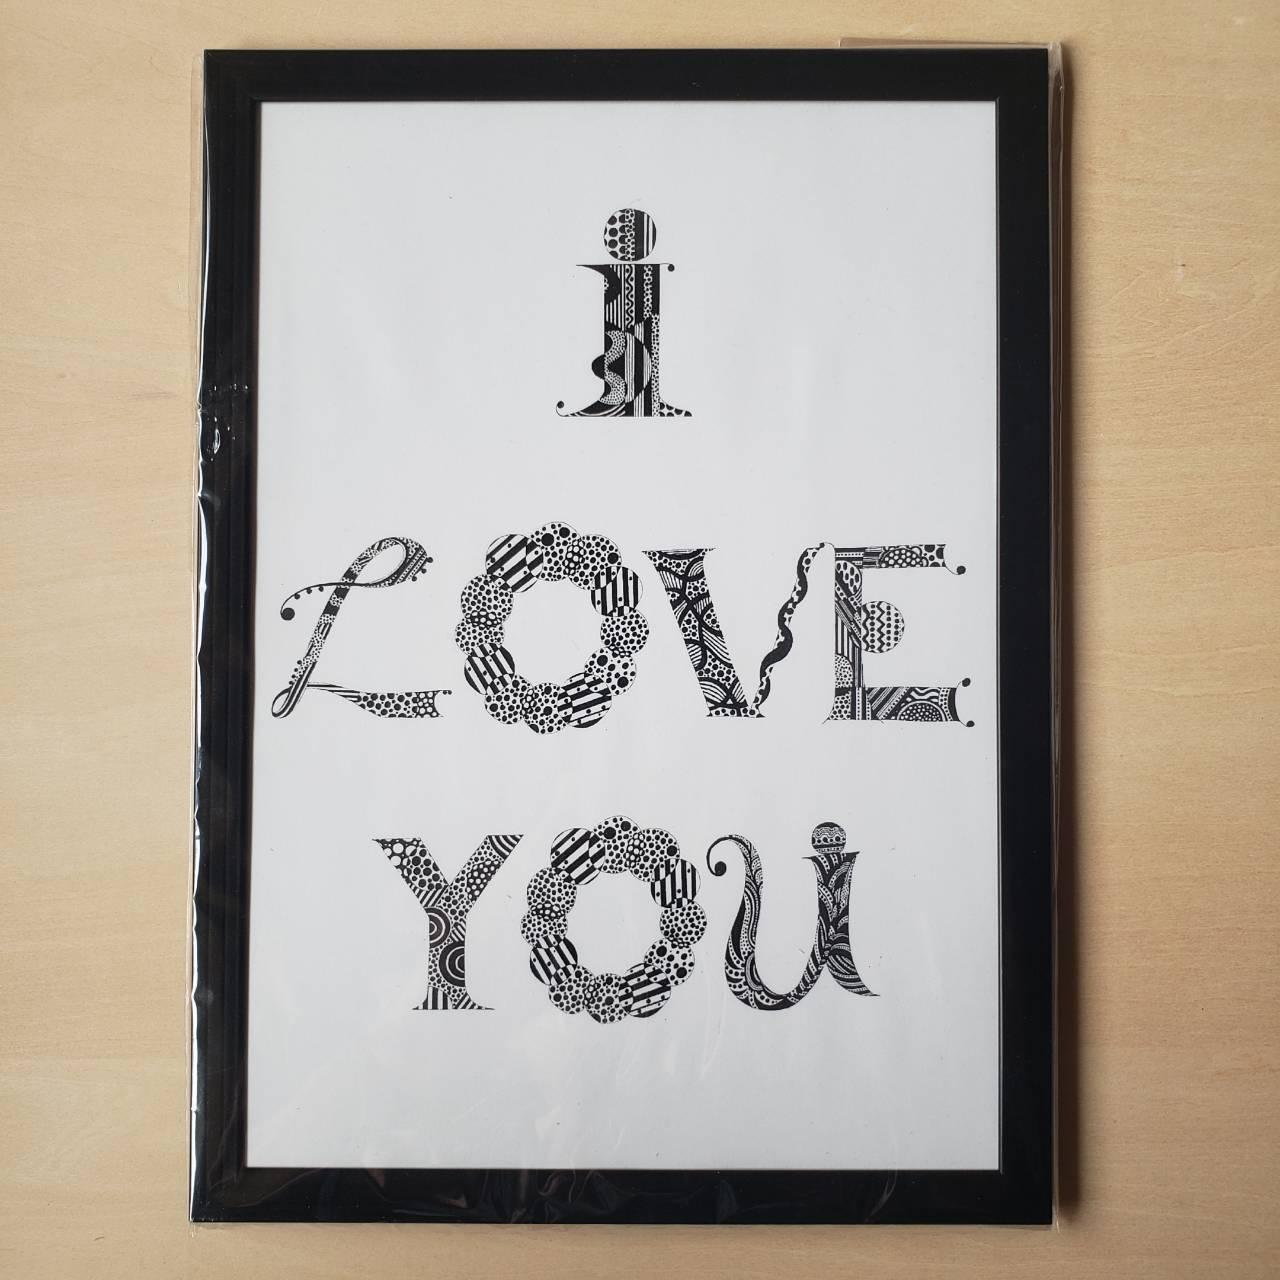 【A4ポスター・フレーム付・ブラック】I LOVE YOU(New Language, New Communication)